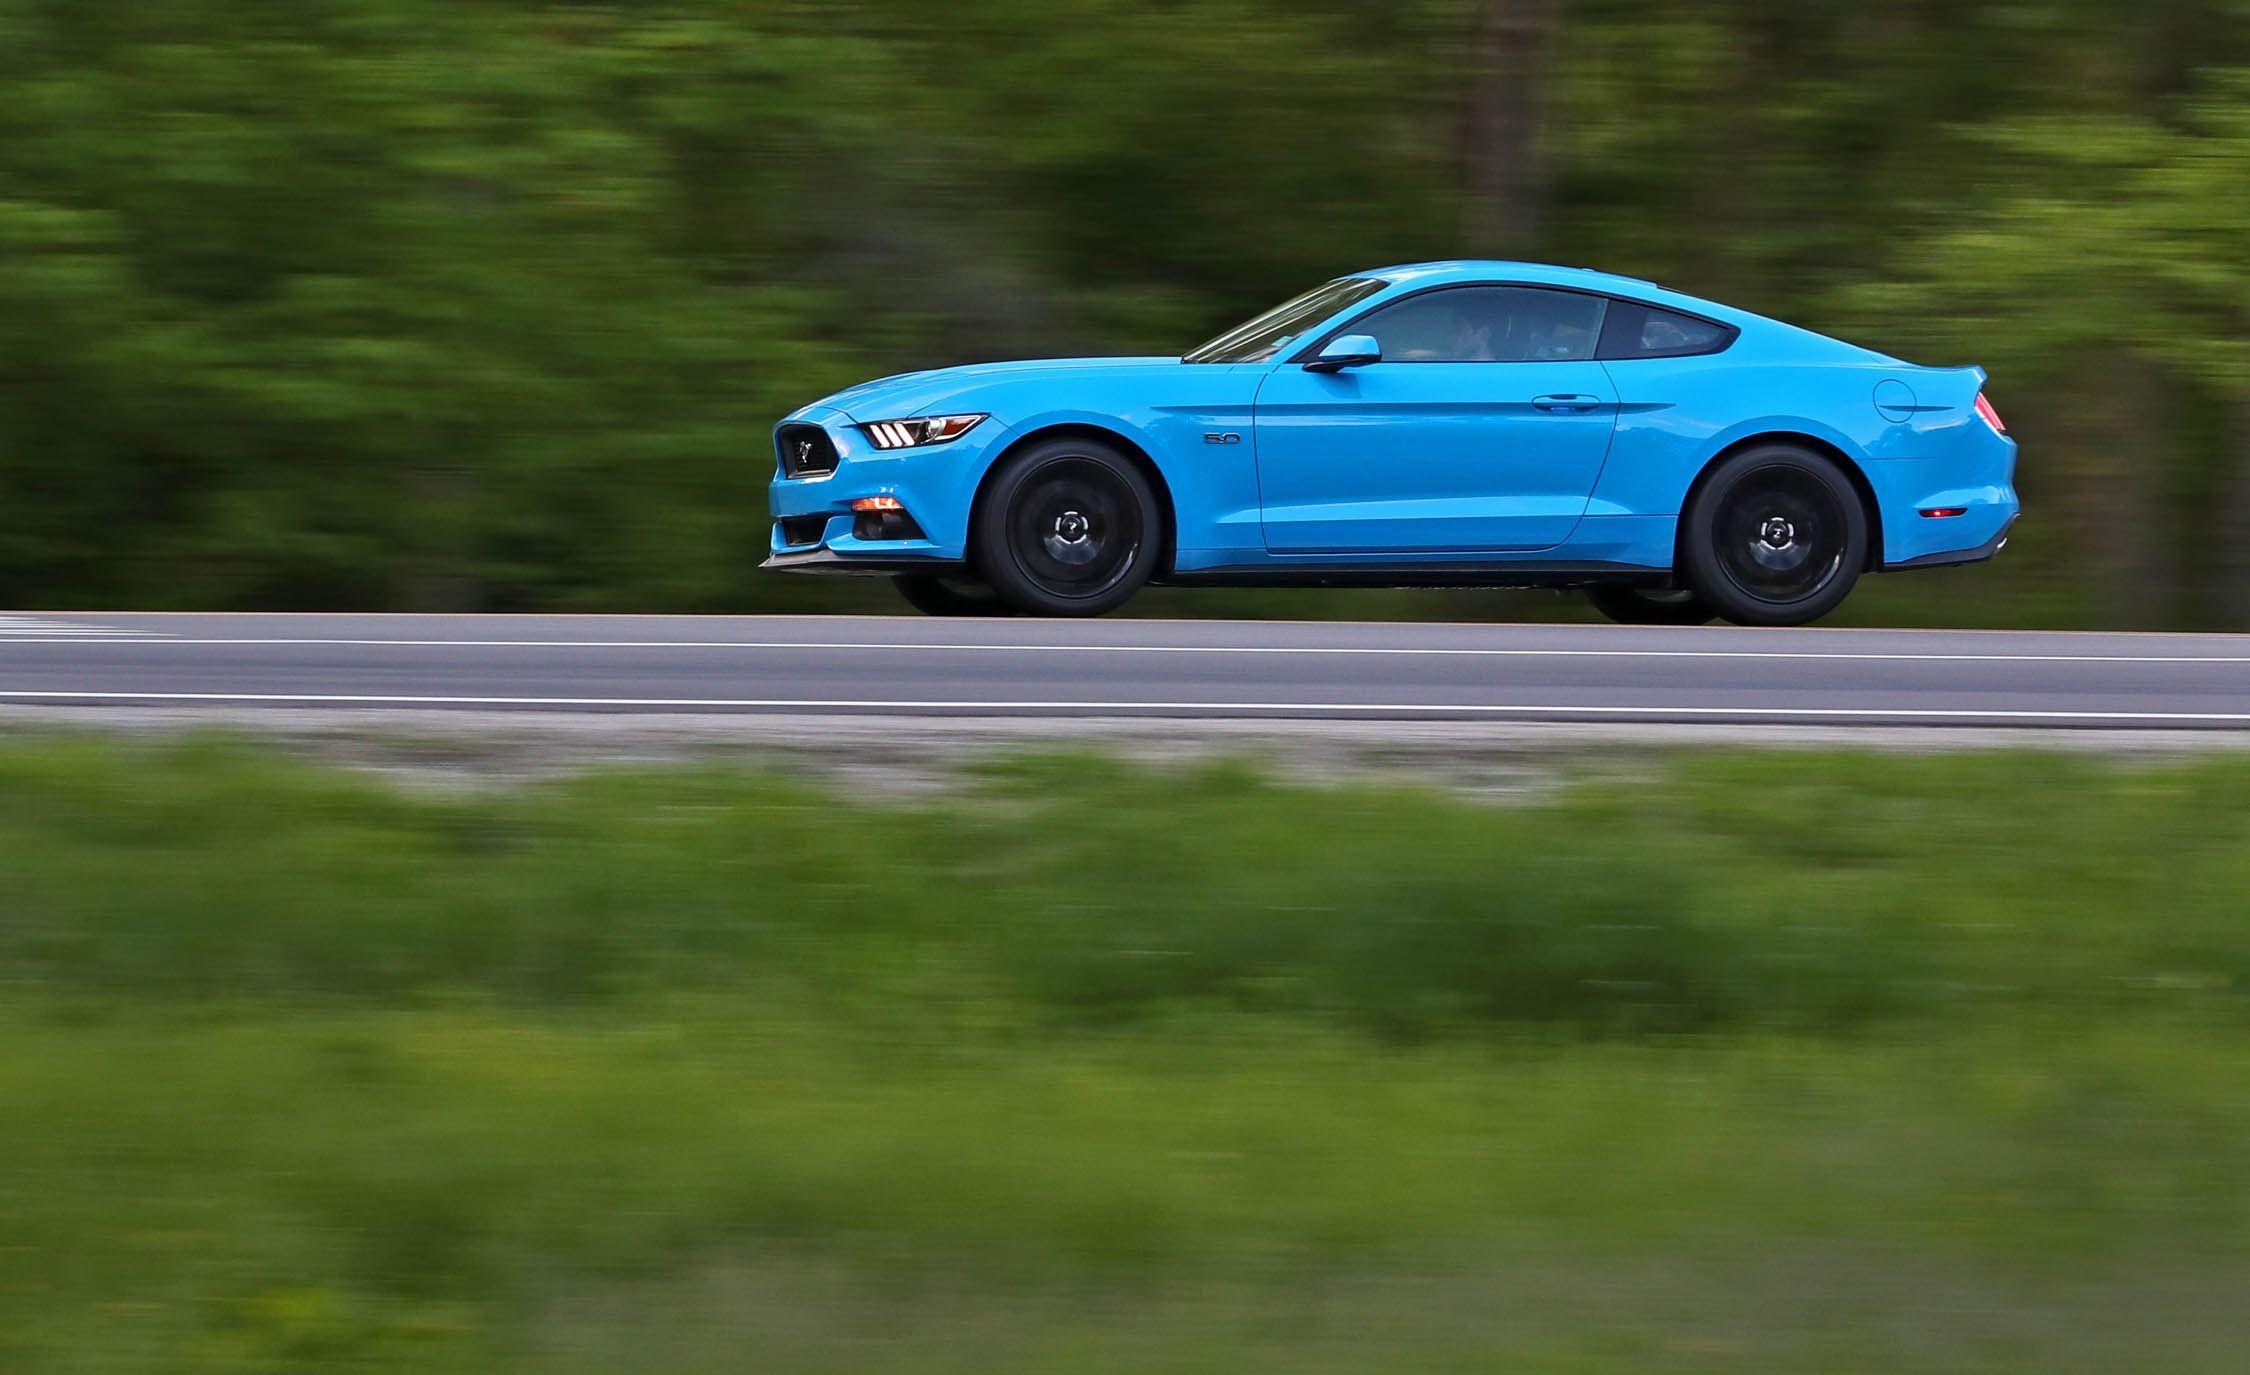 Unique 2018 Mustang Gt Review